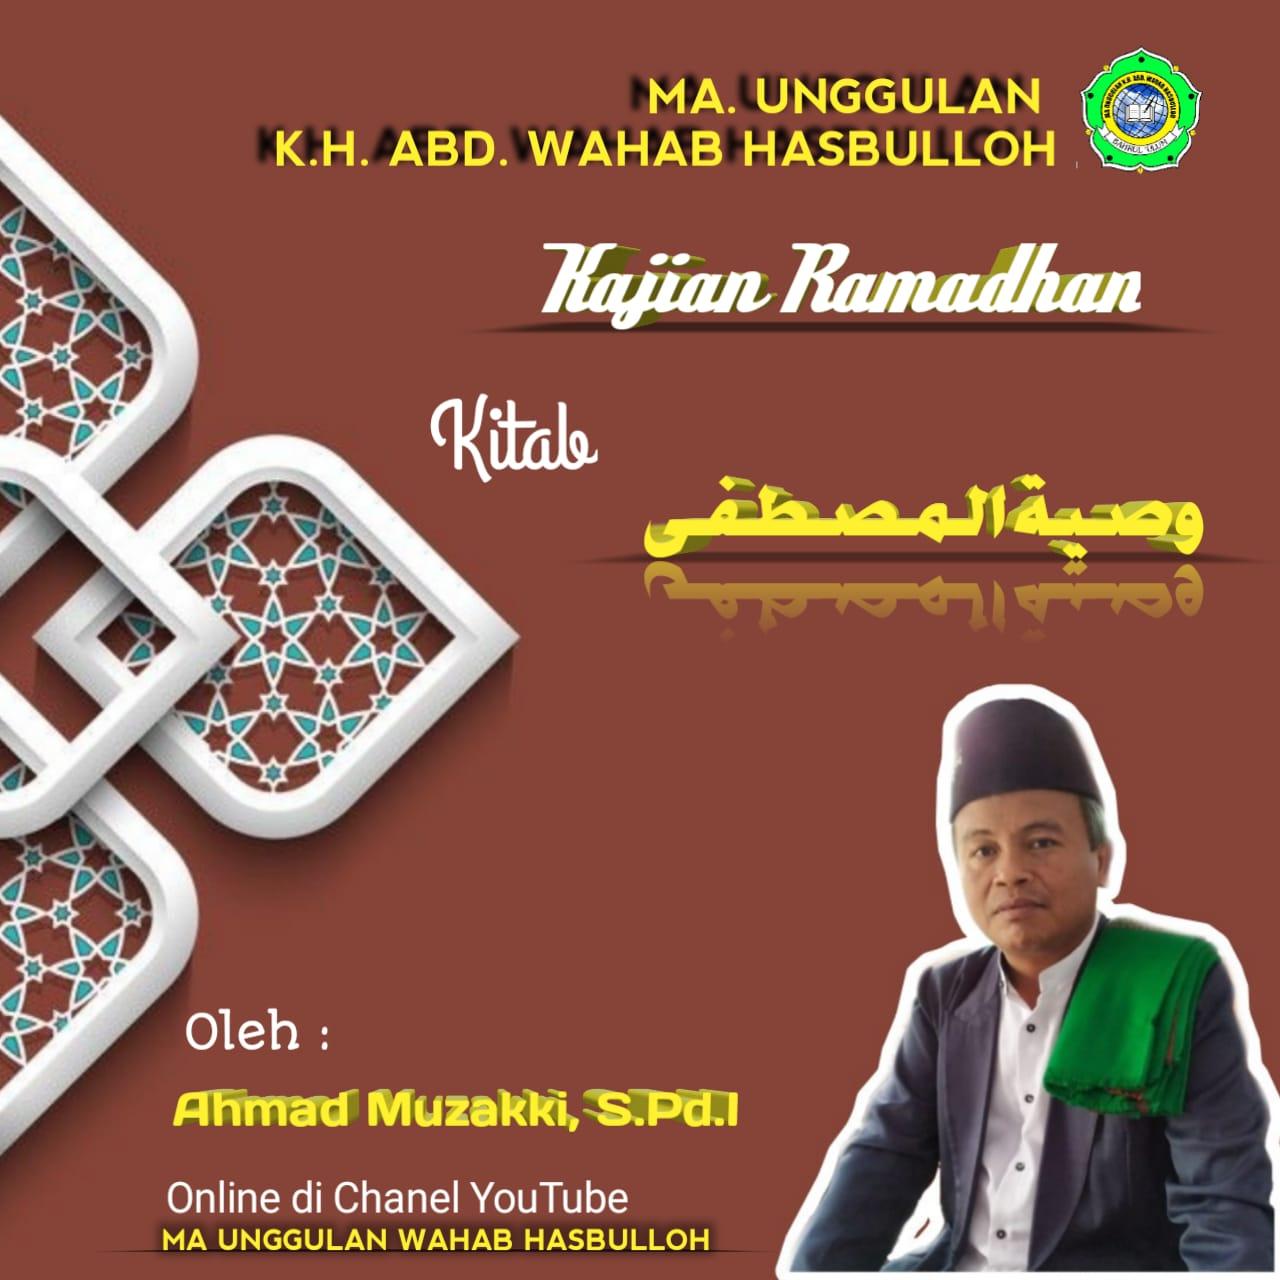 Pengajian Ramadhan Online MA Unggulan K.H. Abd. Wahab Hasbulloh (Day 6)